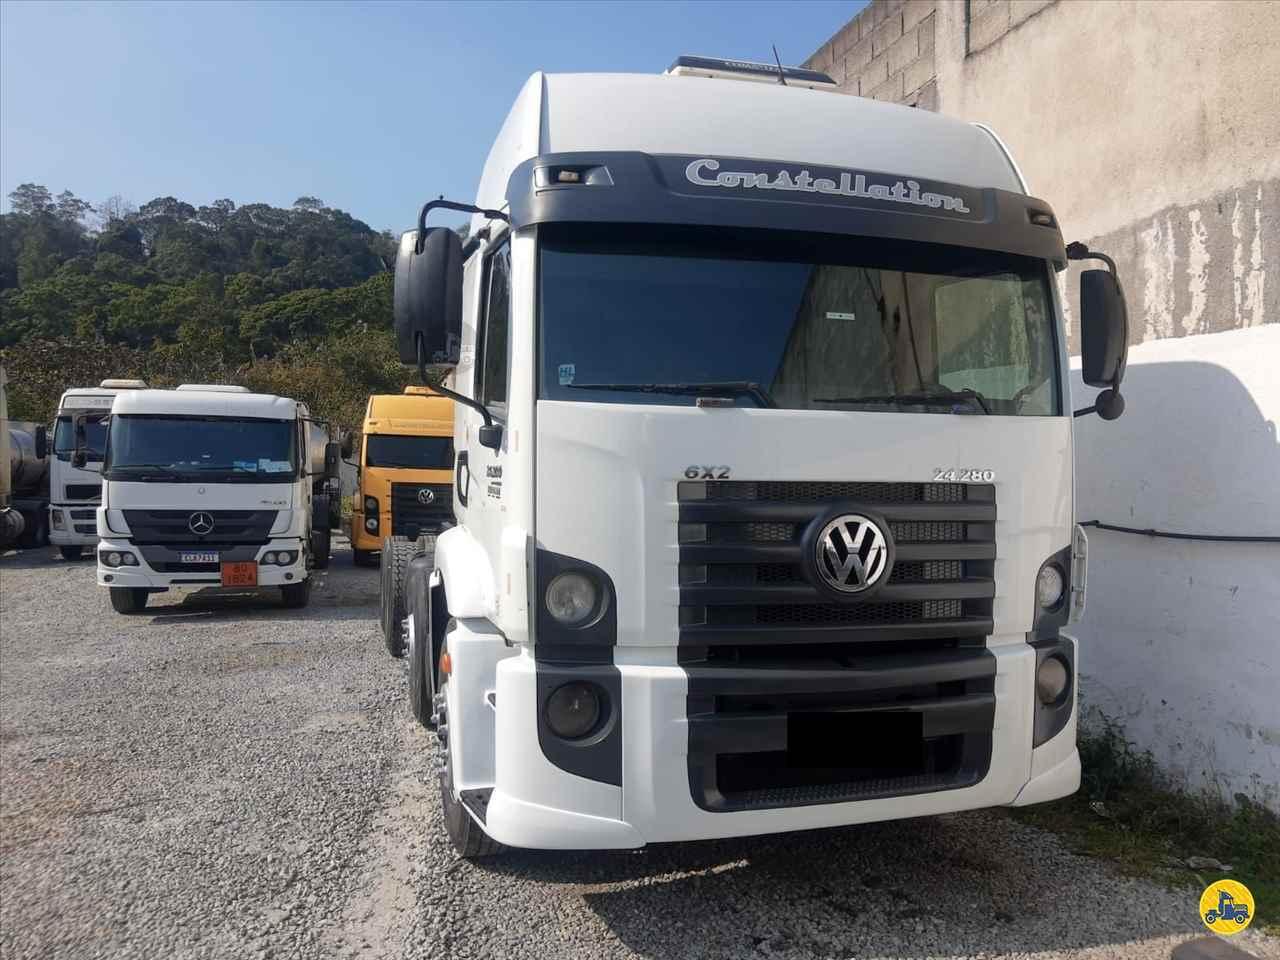 VW 24280 de Wilson Caminhões - RIBEIRAO PIRES/SP